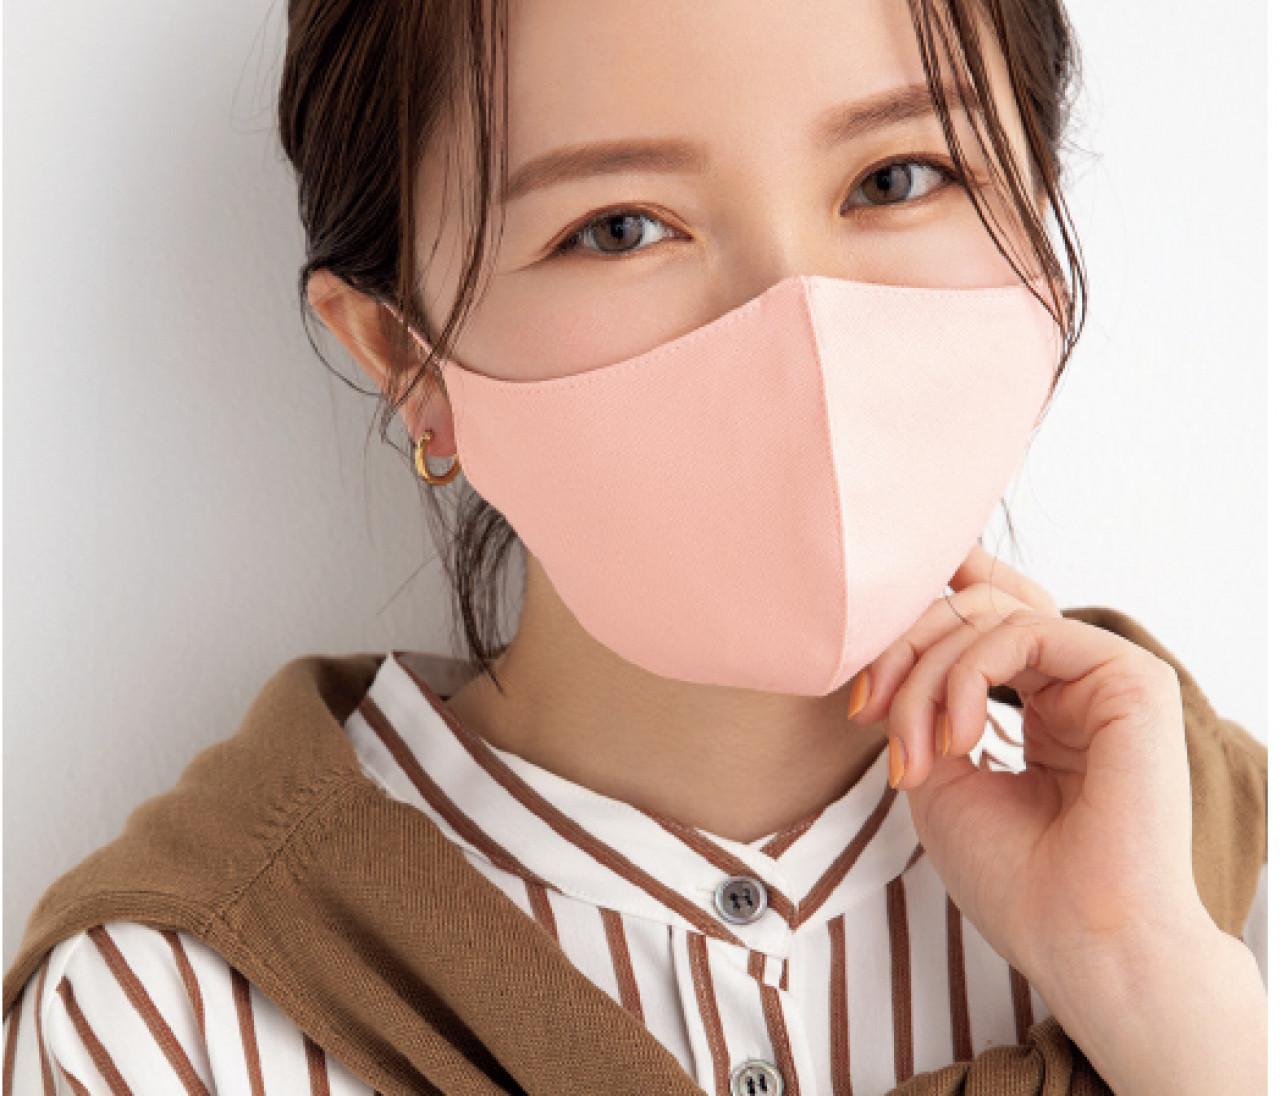 イエベ肌に似合って&きれいに見せるマスクはこの3色!